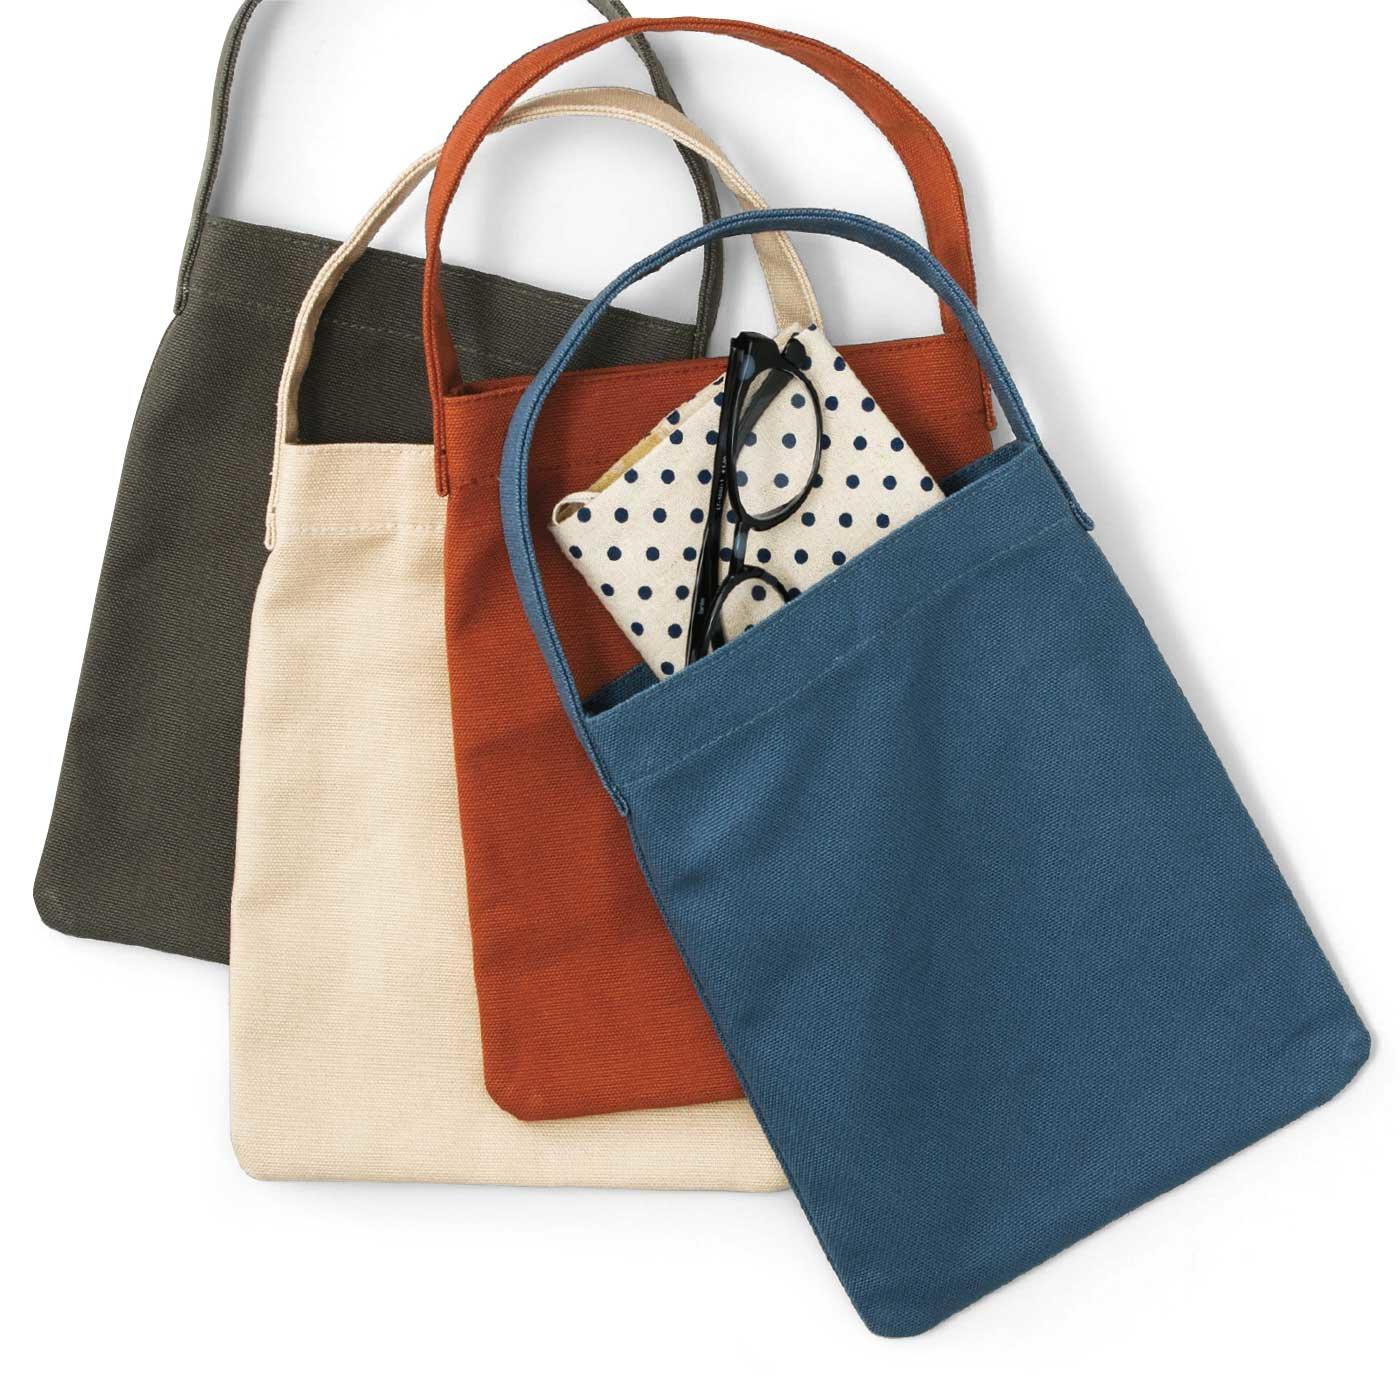 倉敷帆布を使った 大人のための縦型バッグの会